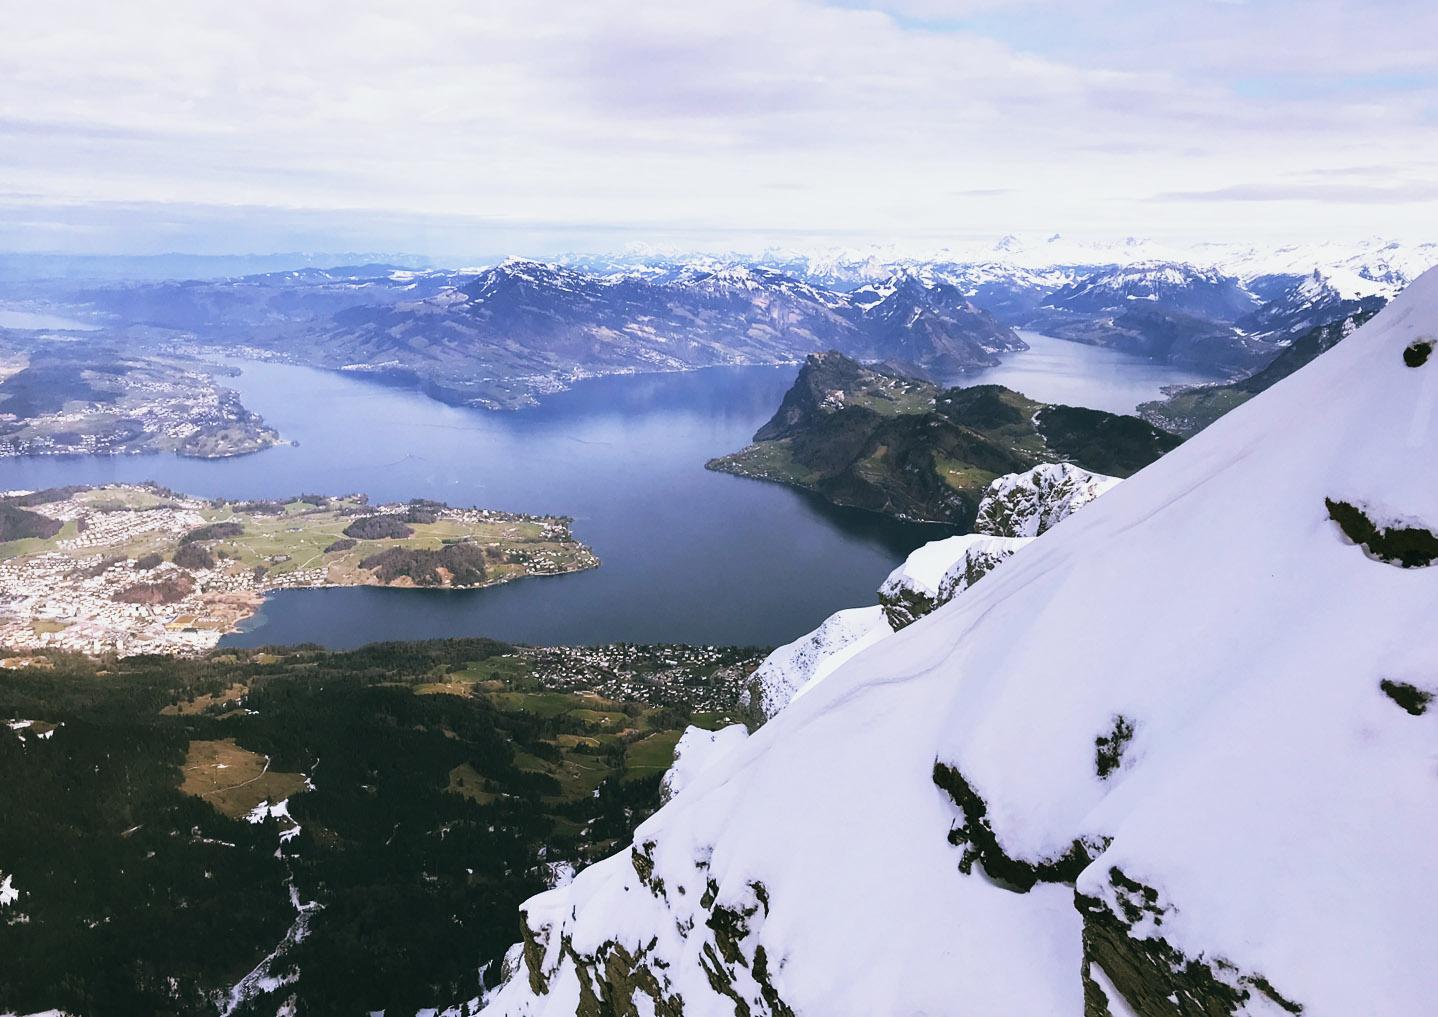 Едем в Швейцарию и Лихтейнштейн Едем в Швейцарию и Лихтейнштейн IMG 5235